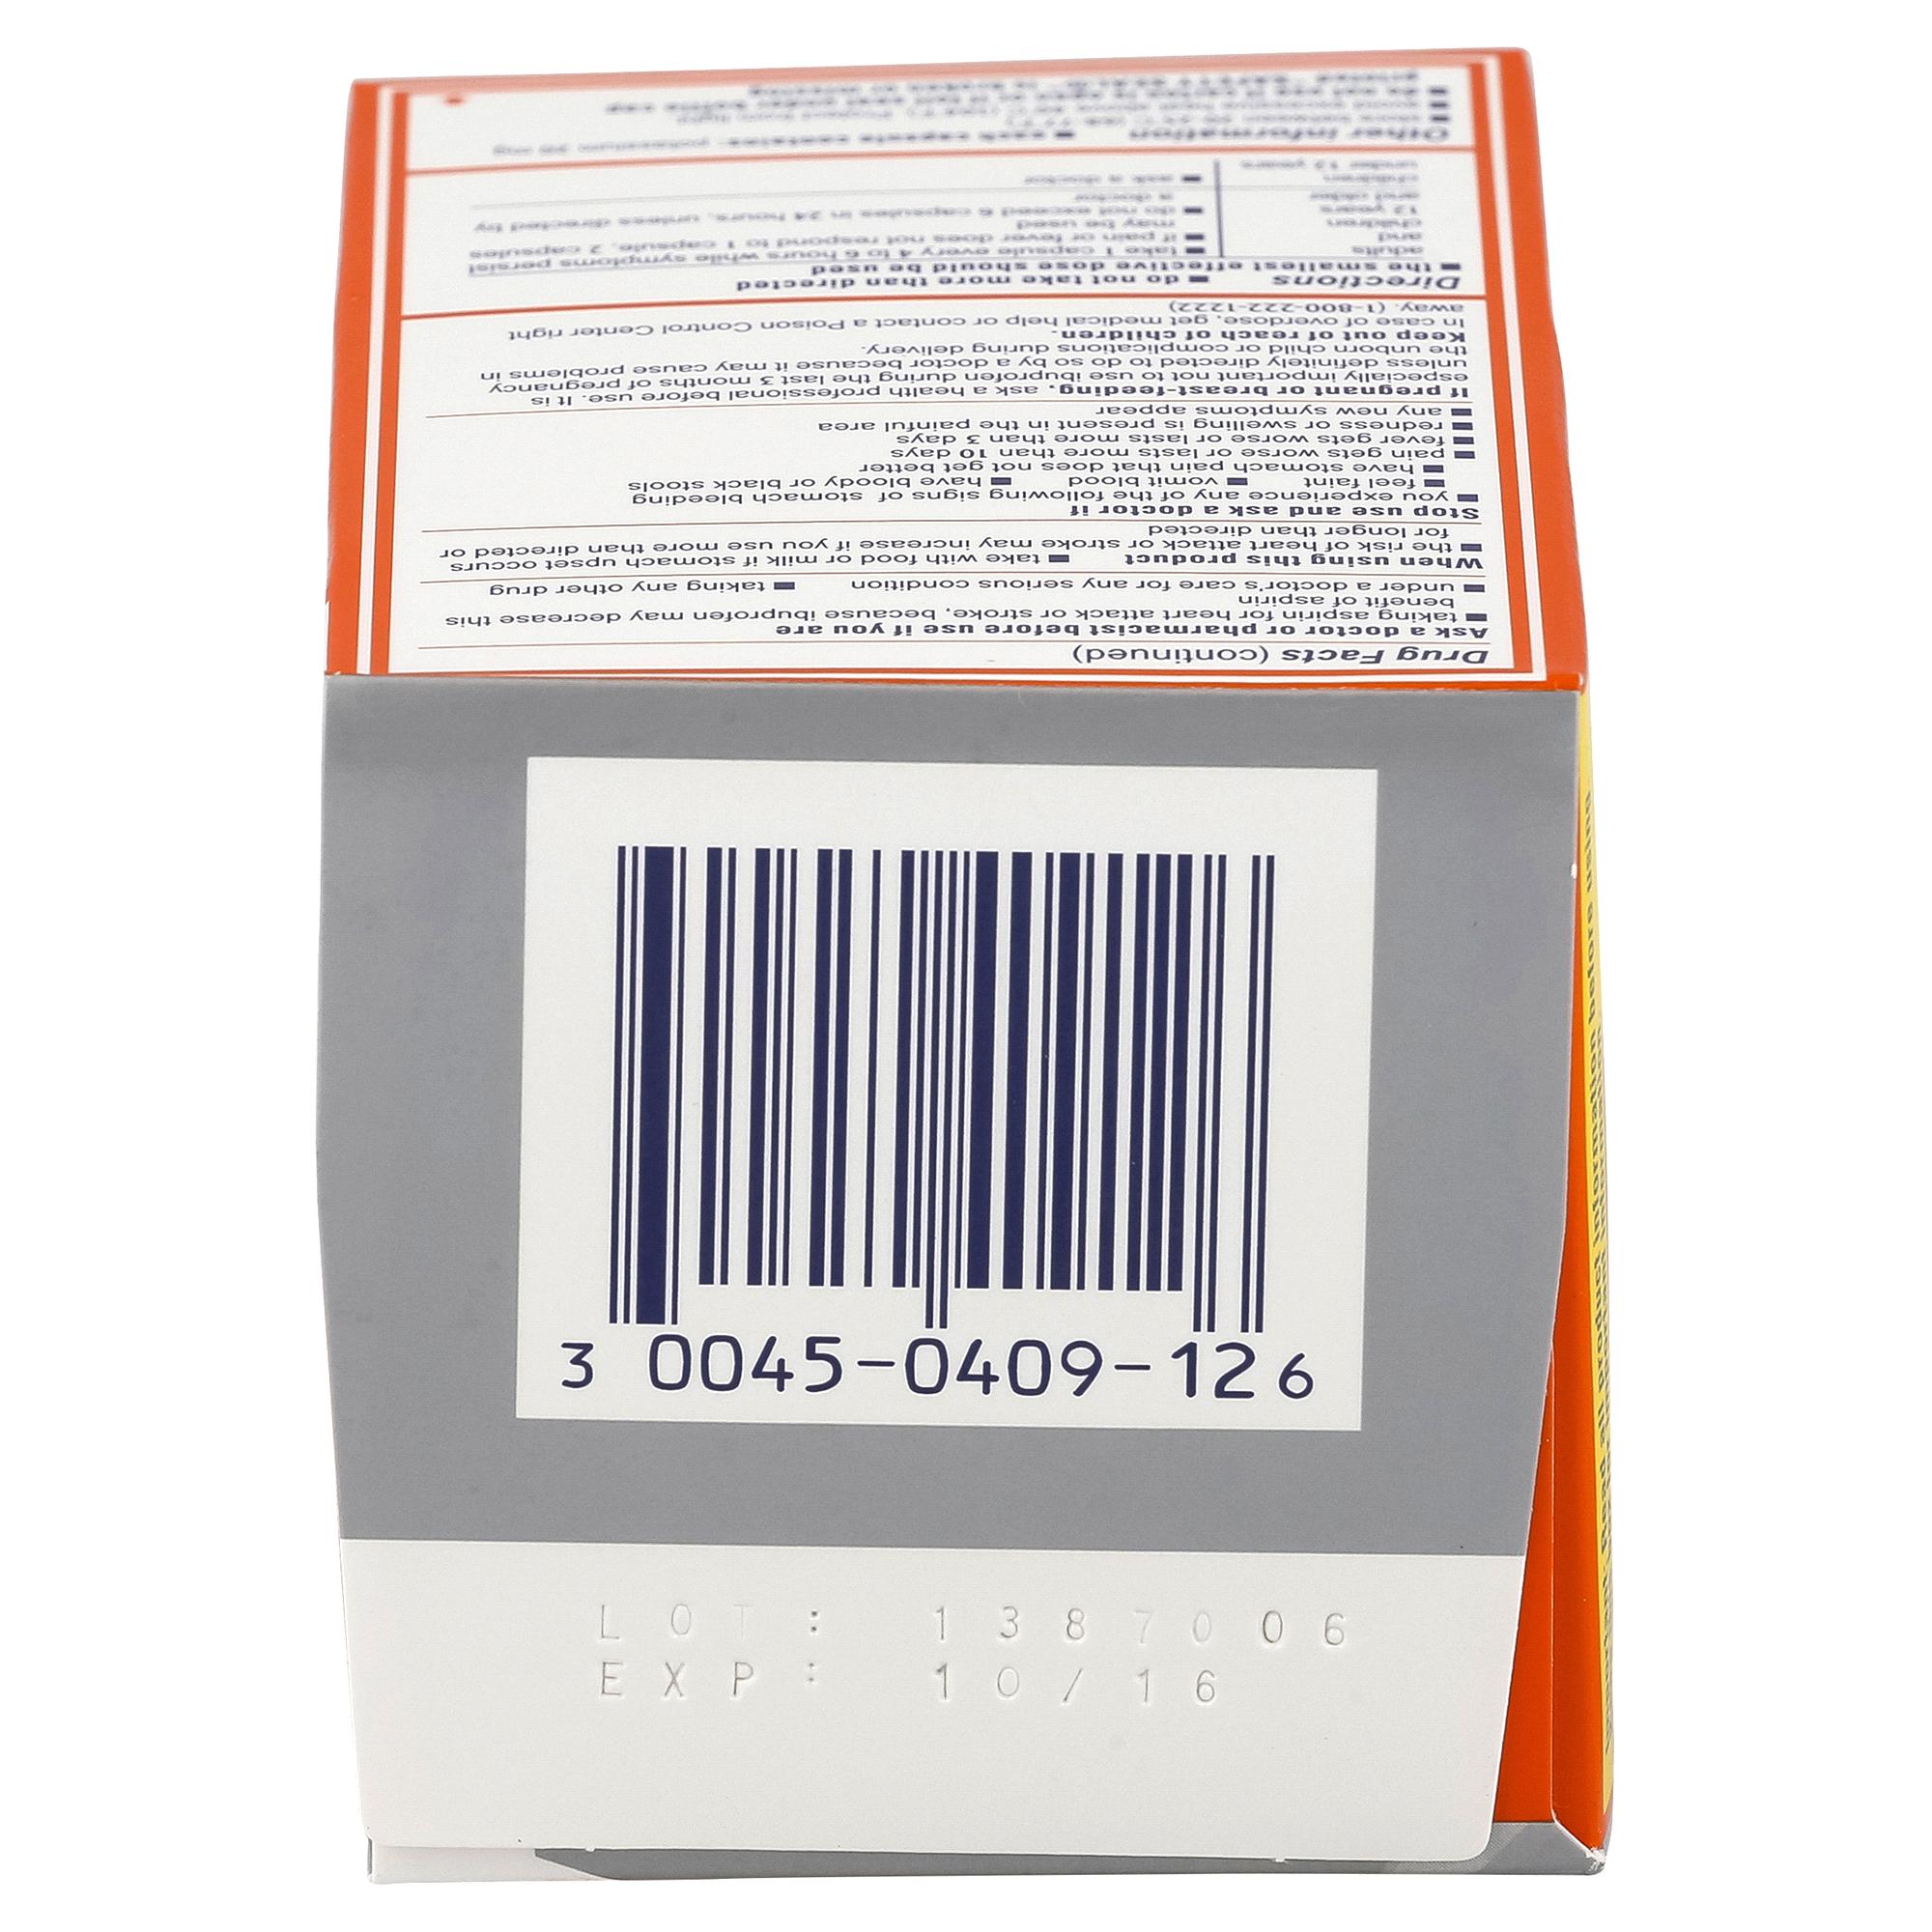 Motrin IB Ibuprofen Liquid Gel 120 Count | Meijer.com